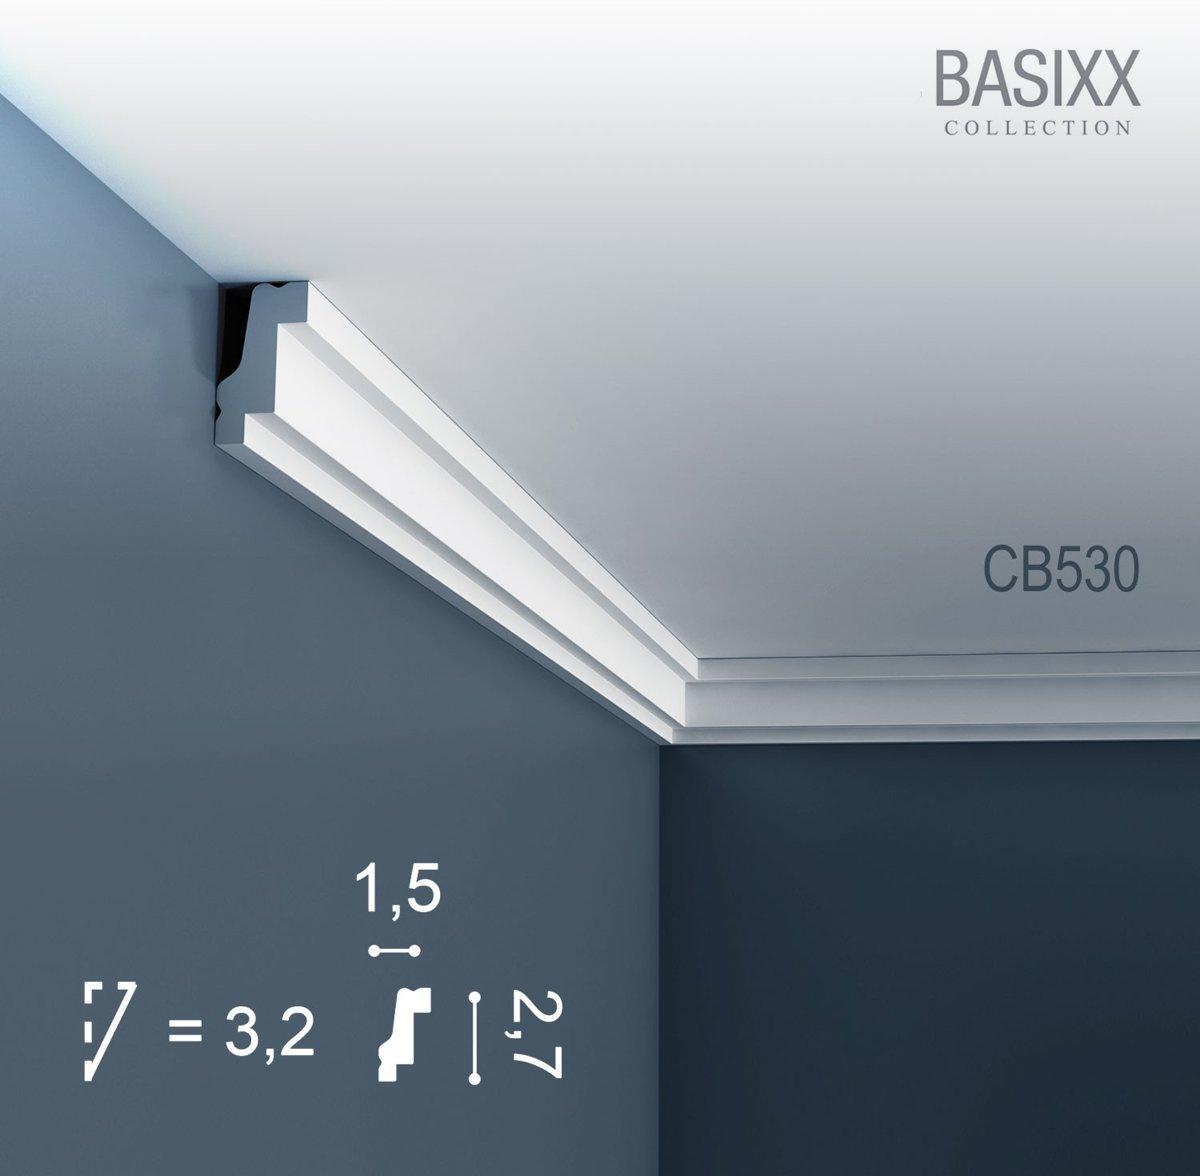 Kroonlijst Origineel Orac Decor CB530 BASIXX Plafondlijst Sierlijst 2 m kopen